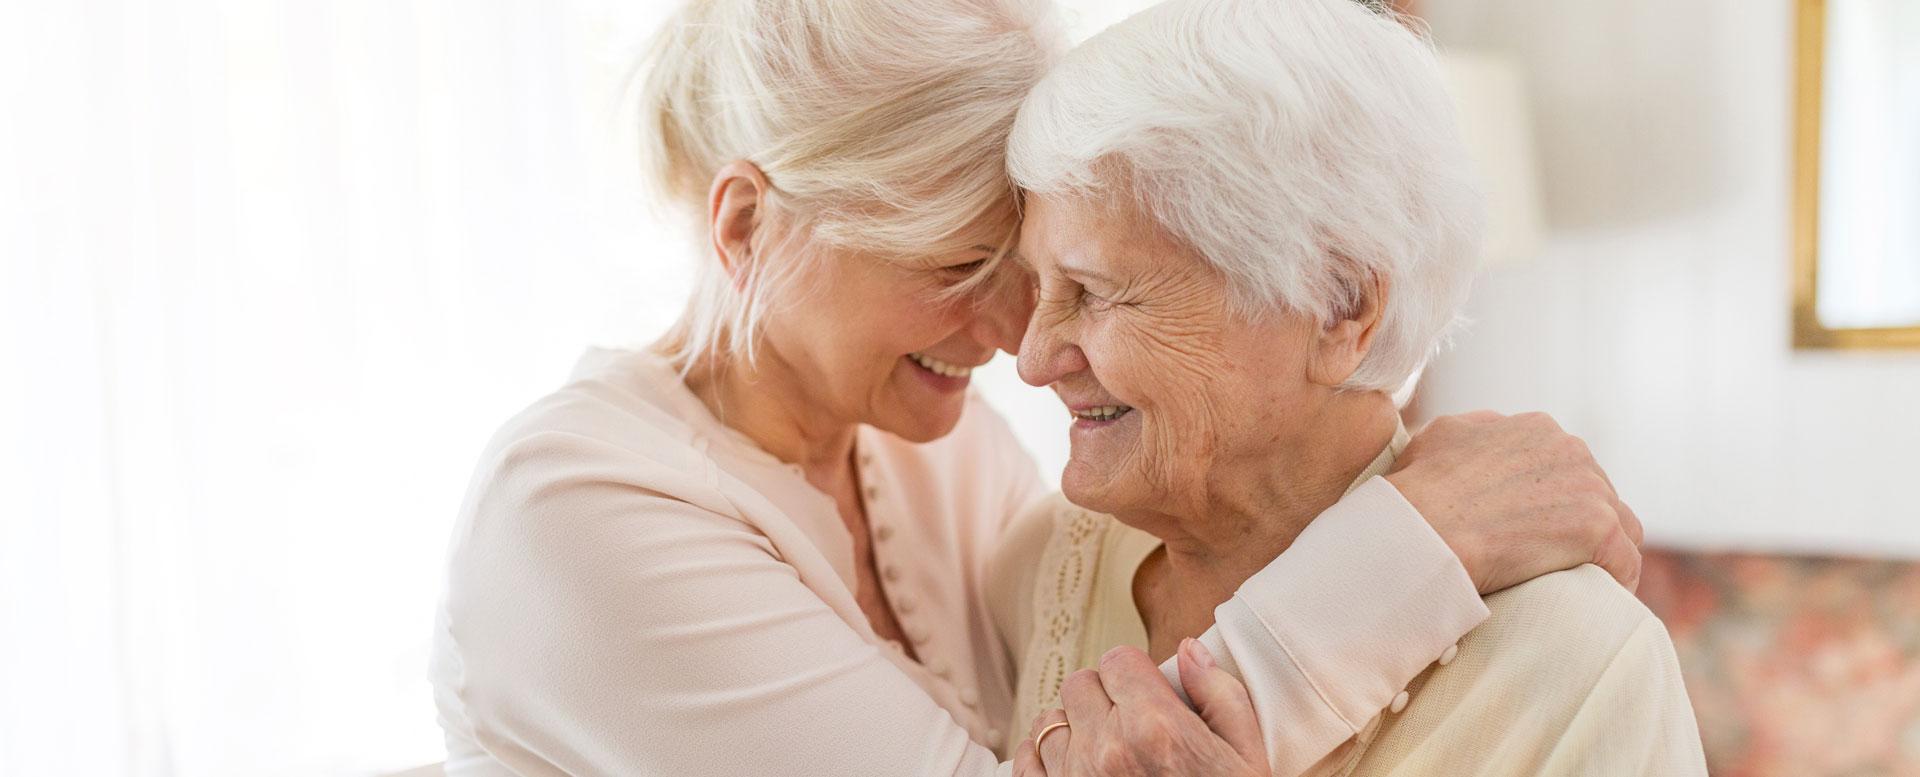 Demenzpflege - Angehörige respektvoll pflegen